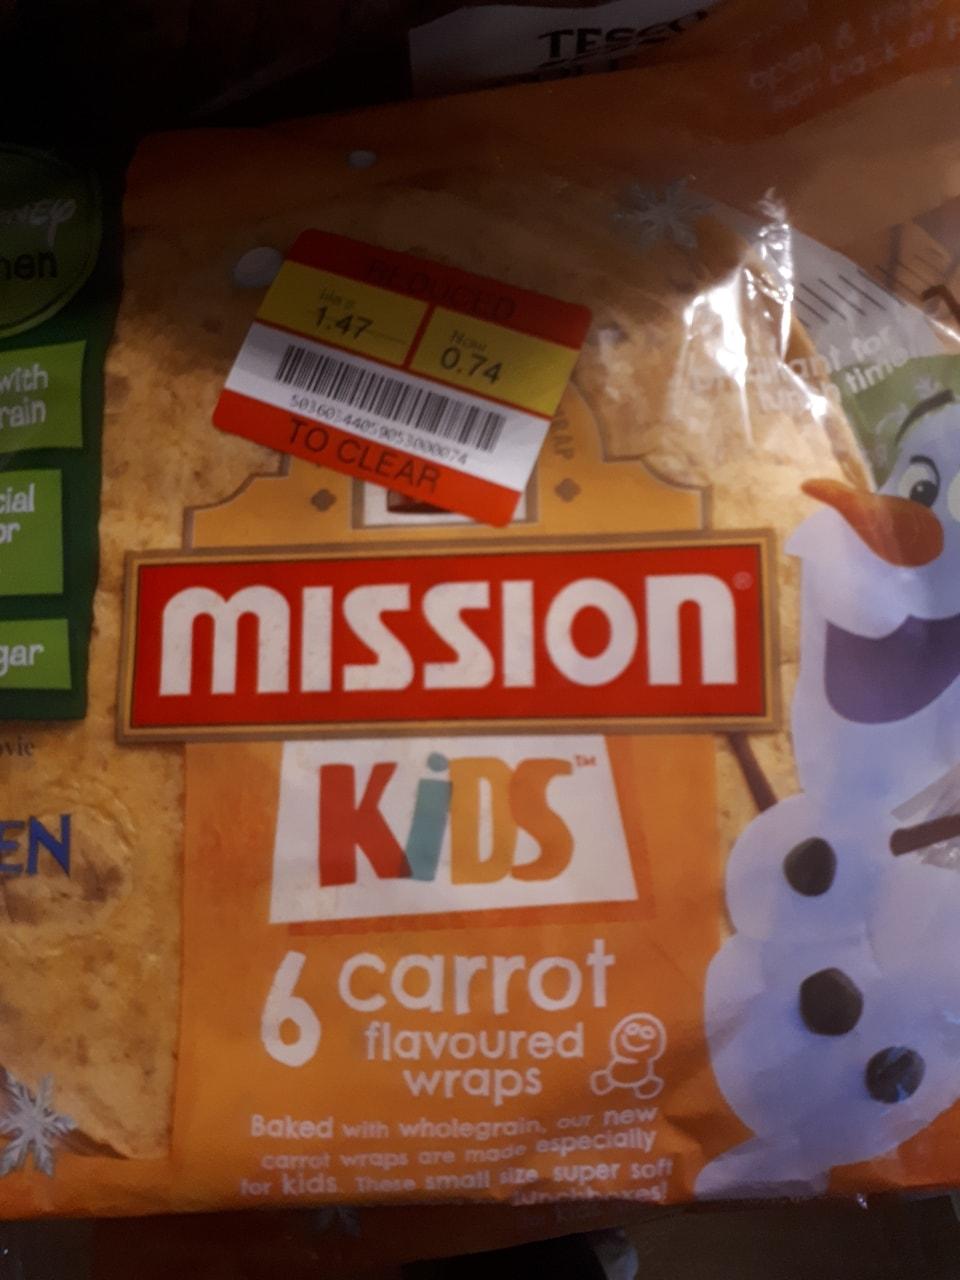 Carrot wraps